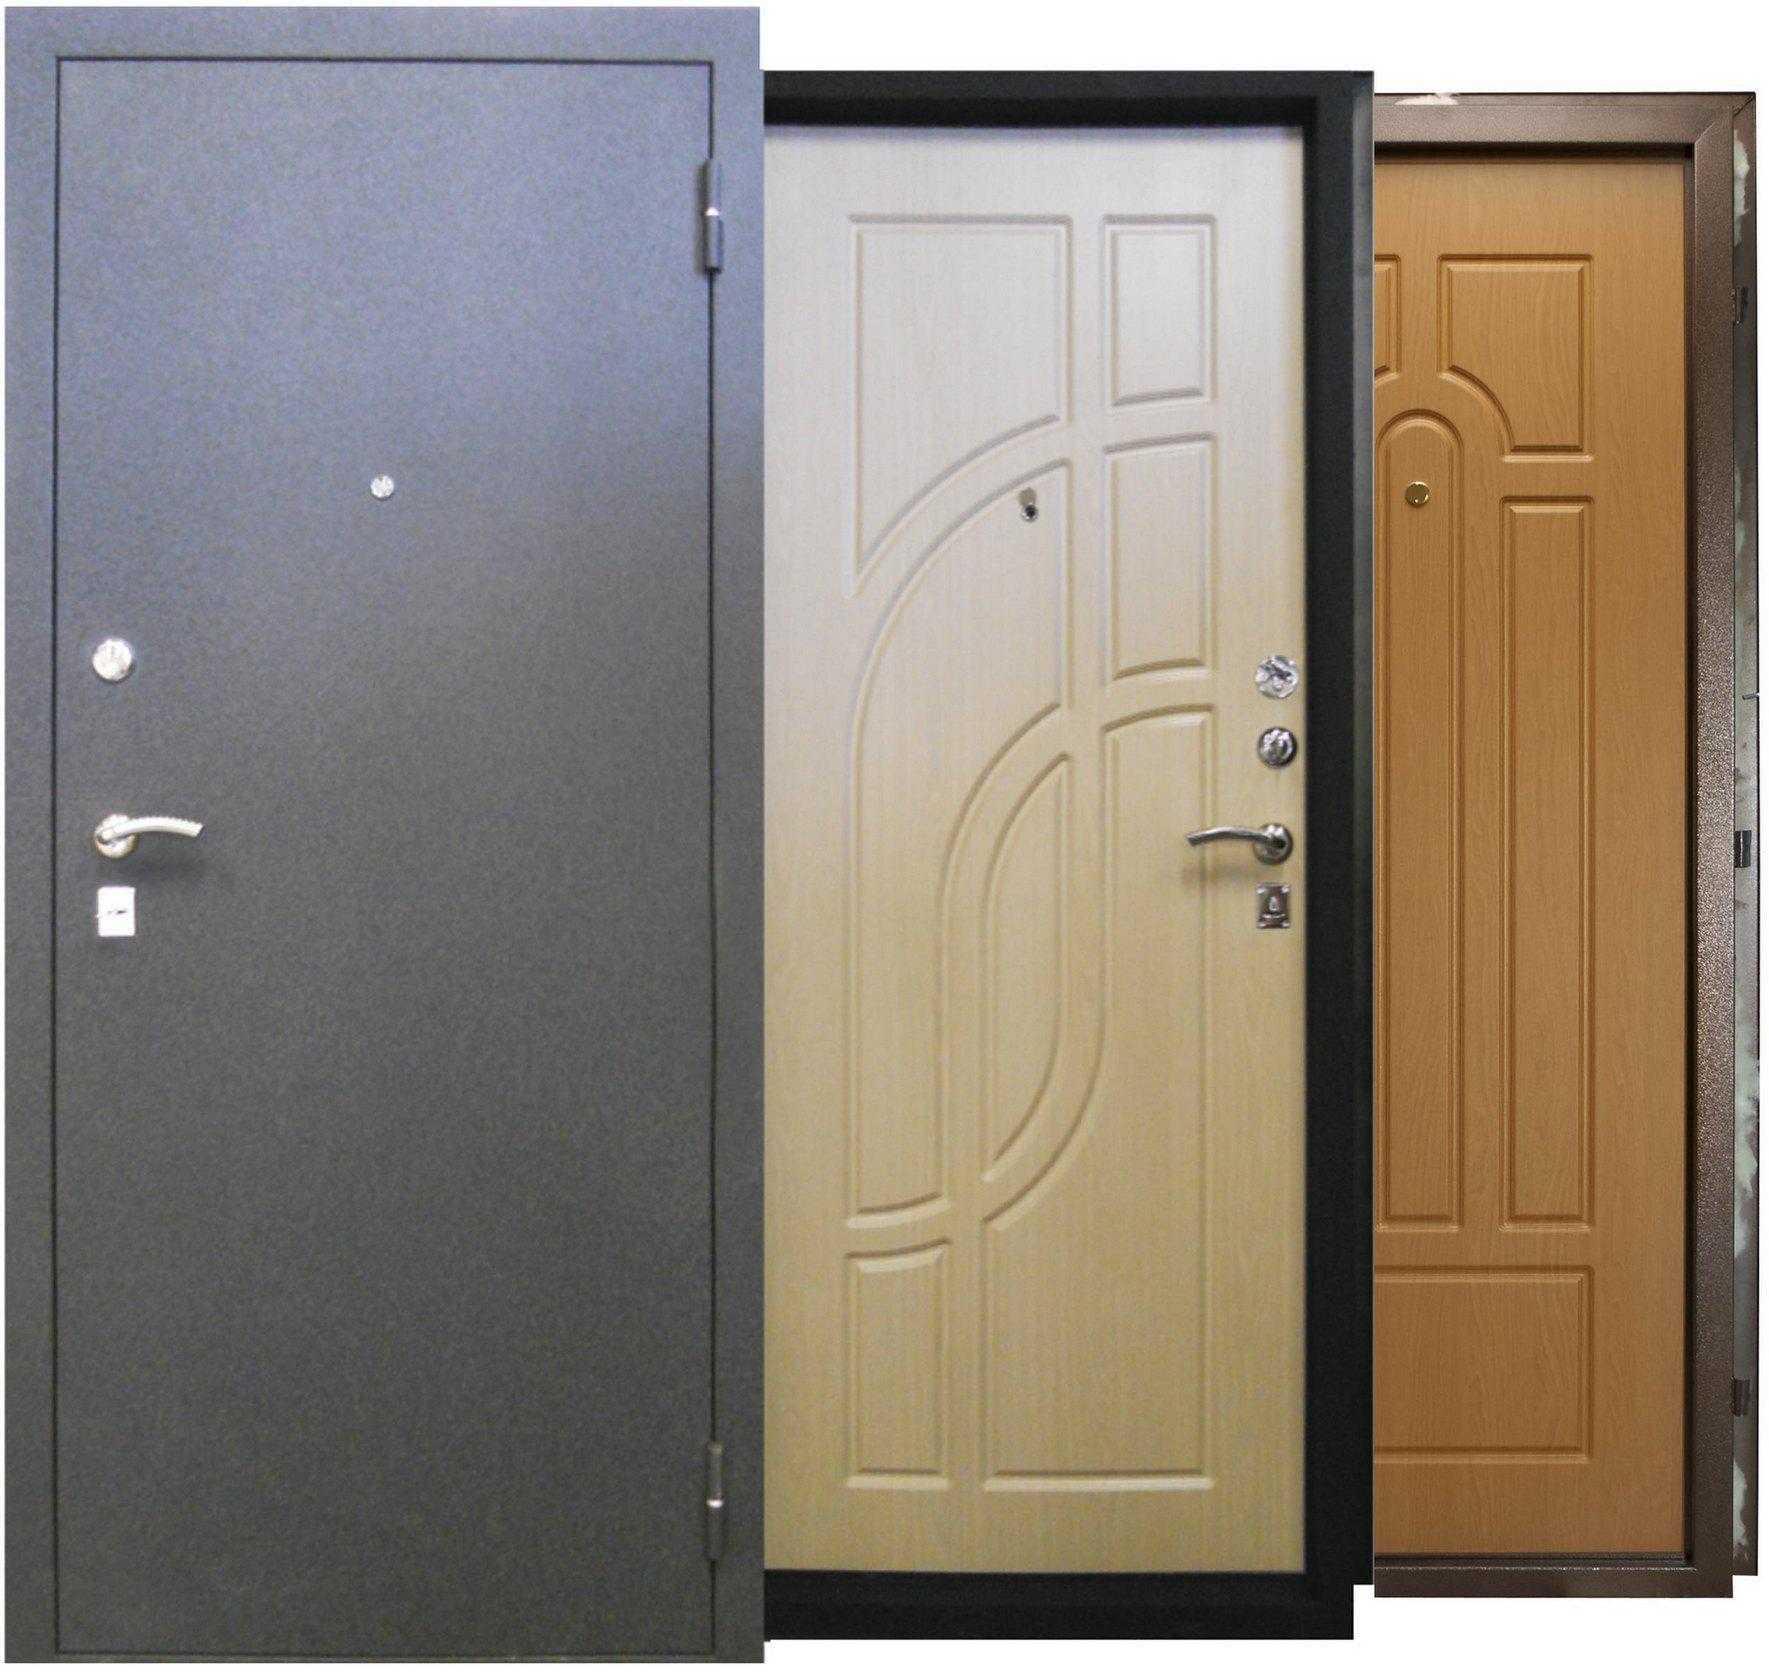 Выбираем входную дверь в квартиру: особенности конструкций и советы профессионалов